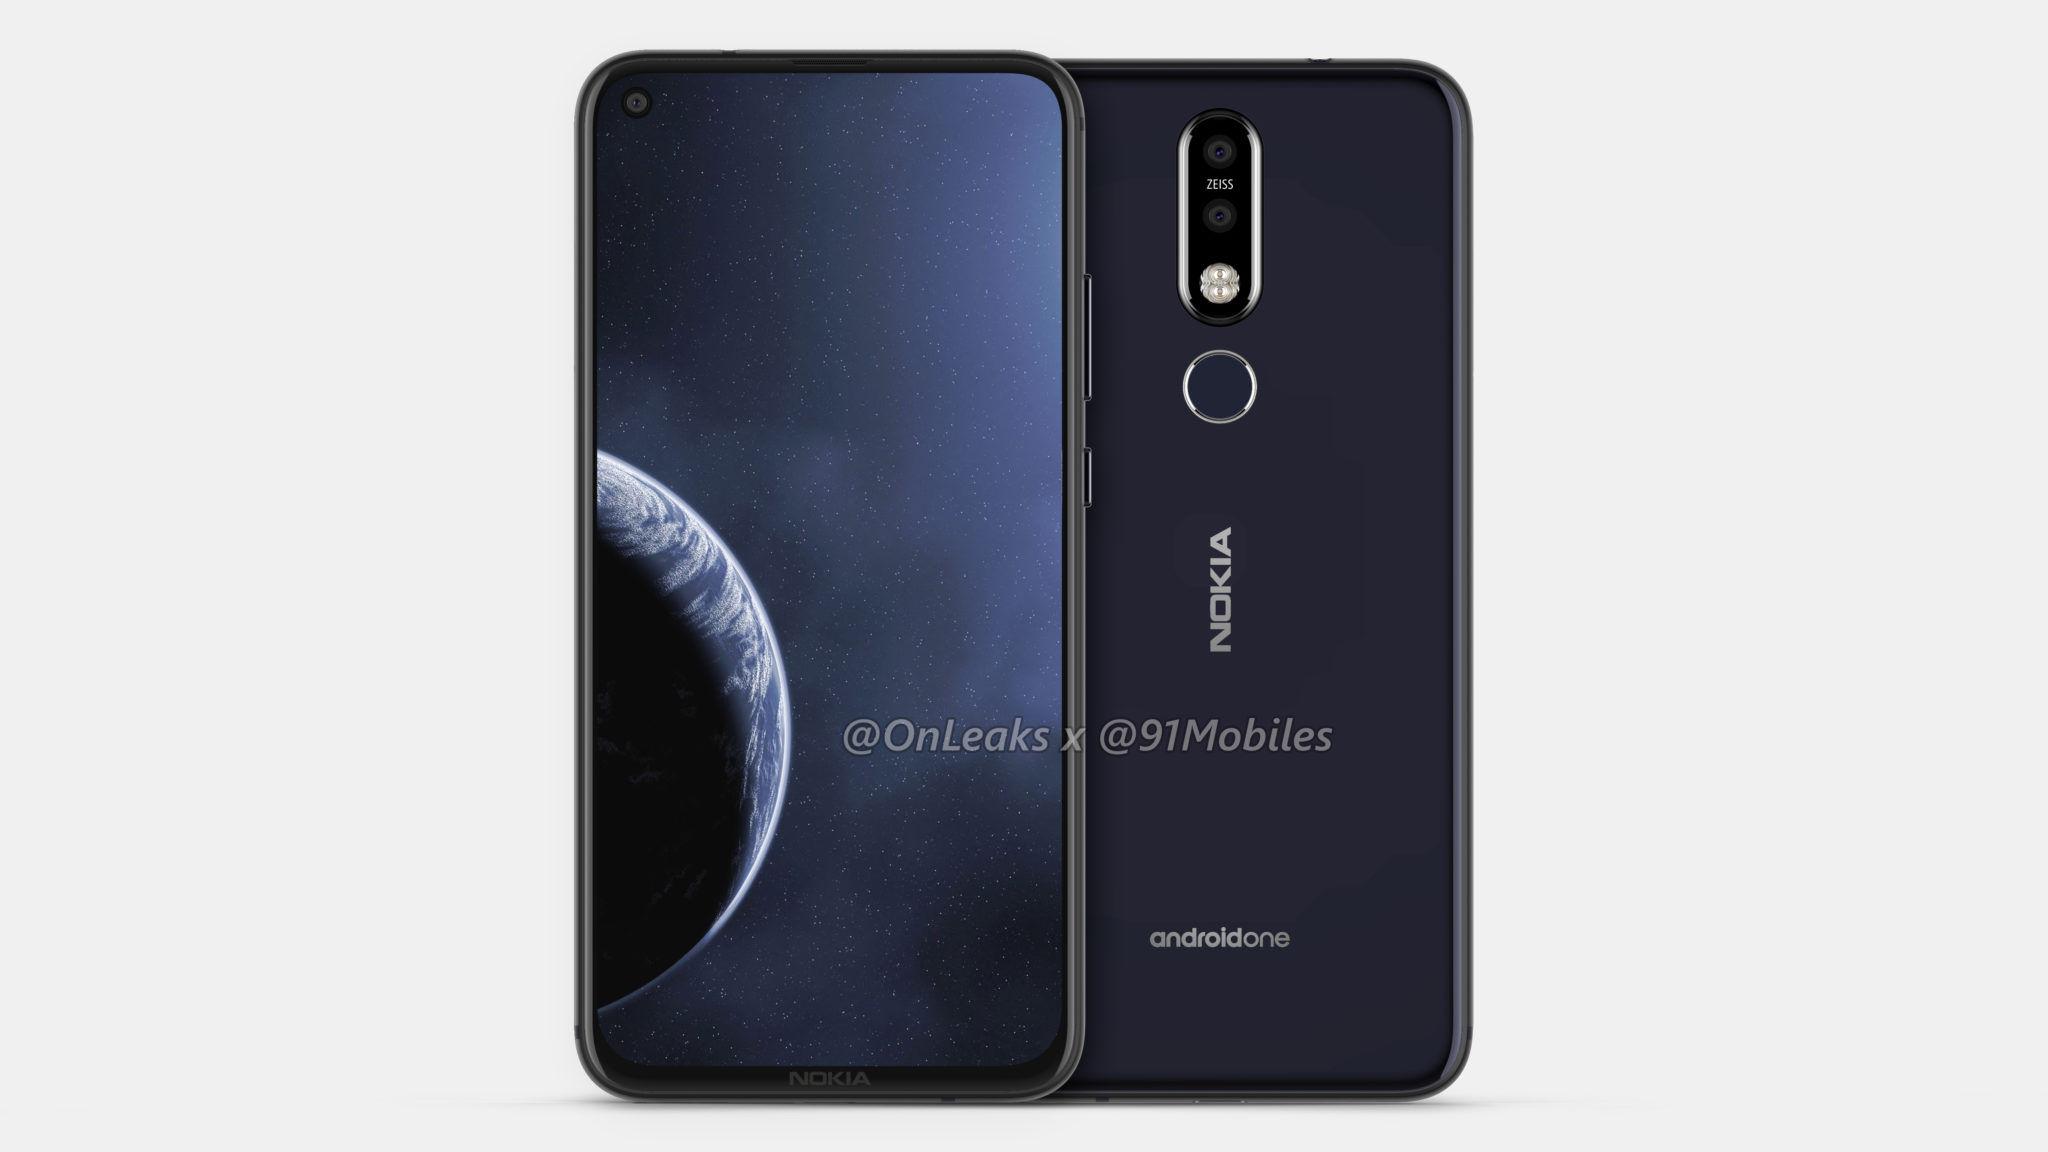 Nokia 6 2 price tipped